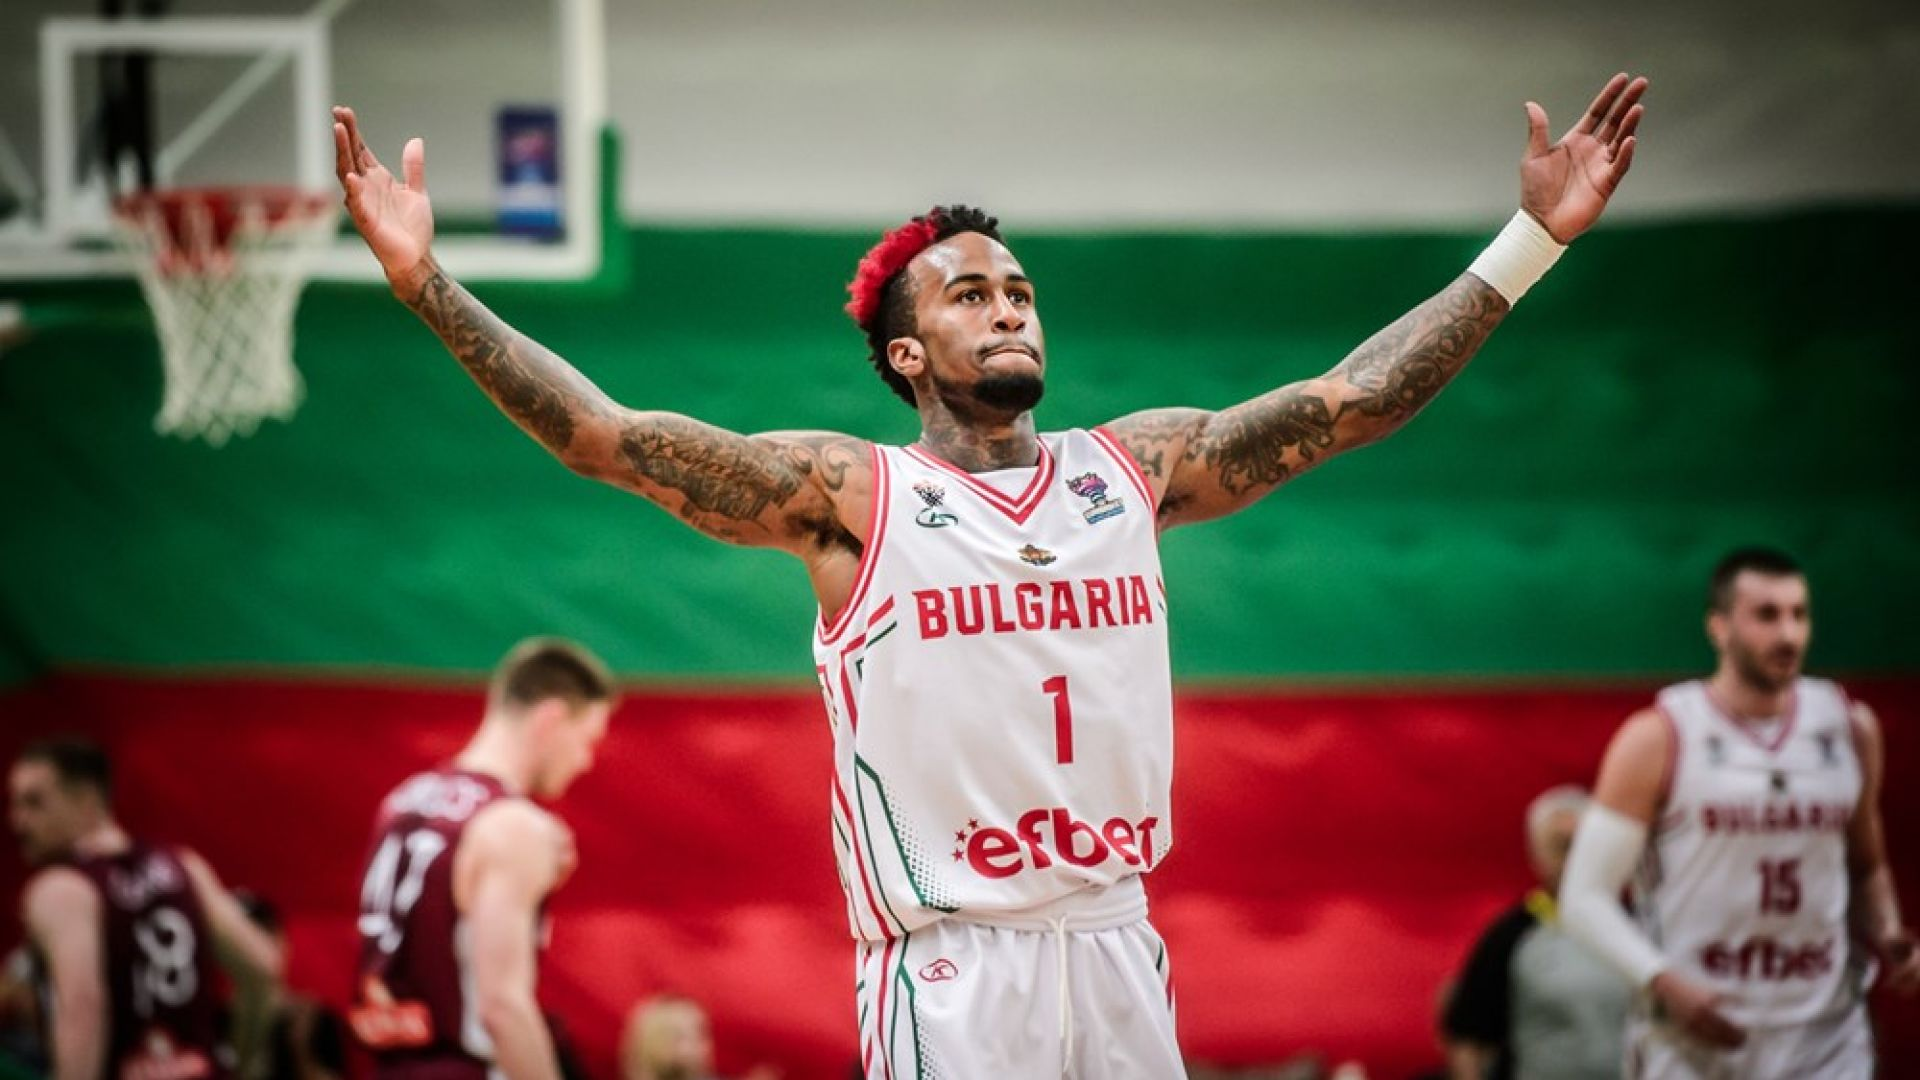 Епичен далечен кош за епична победа на България над Латвия